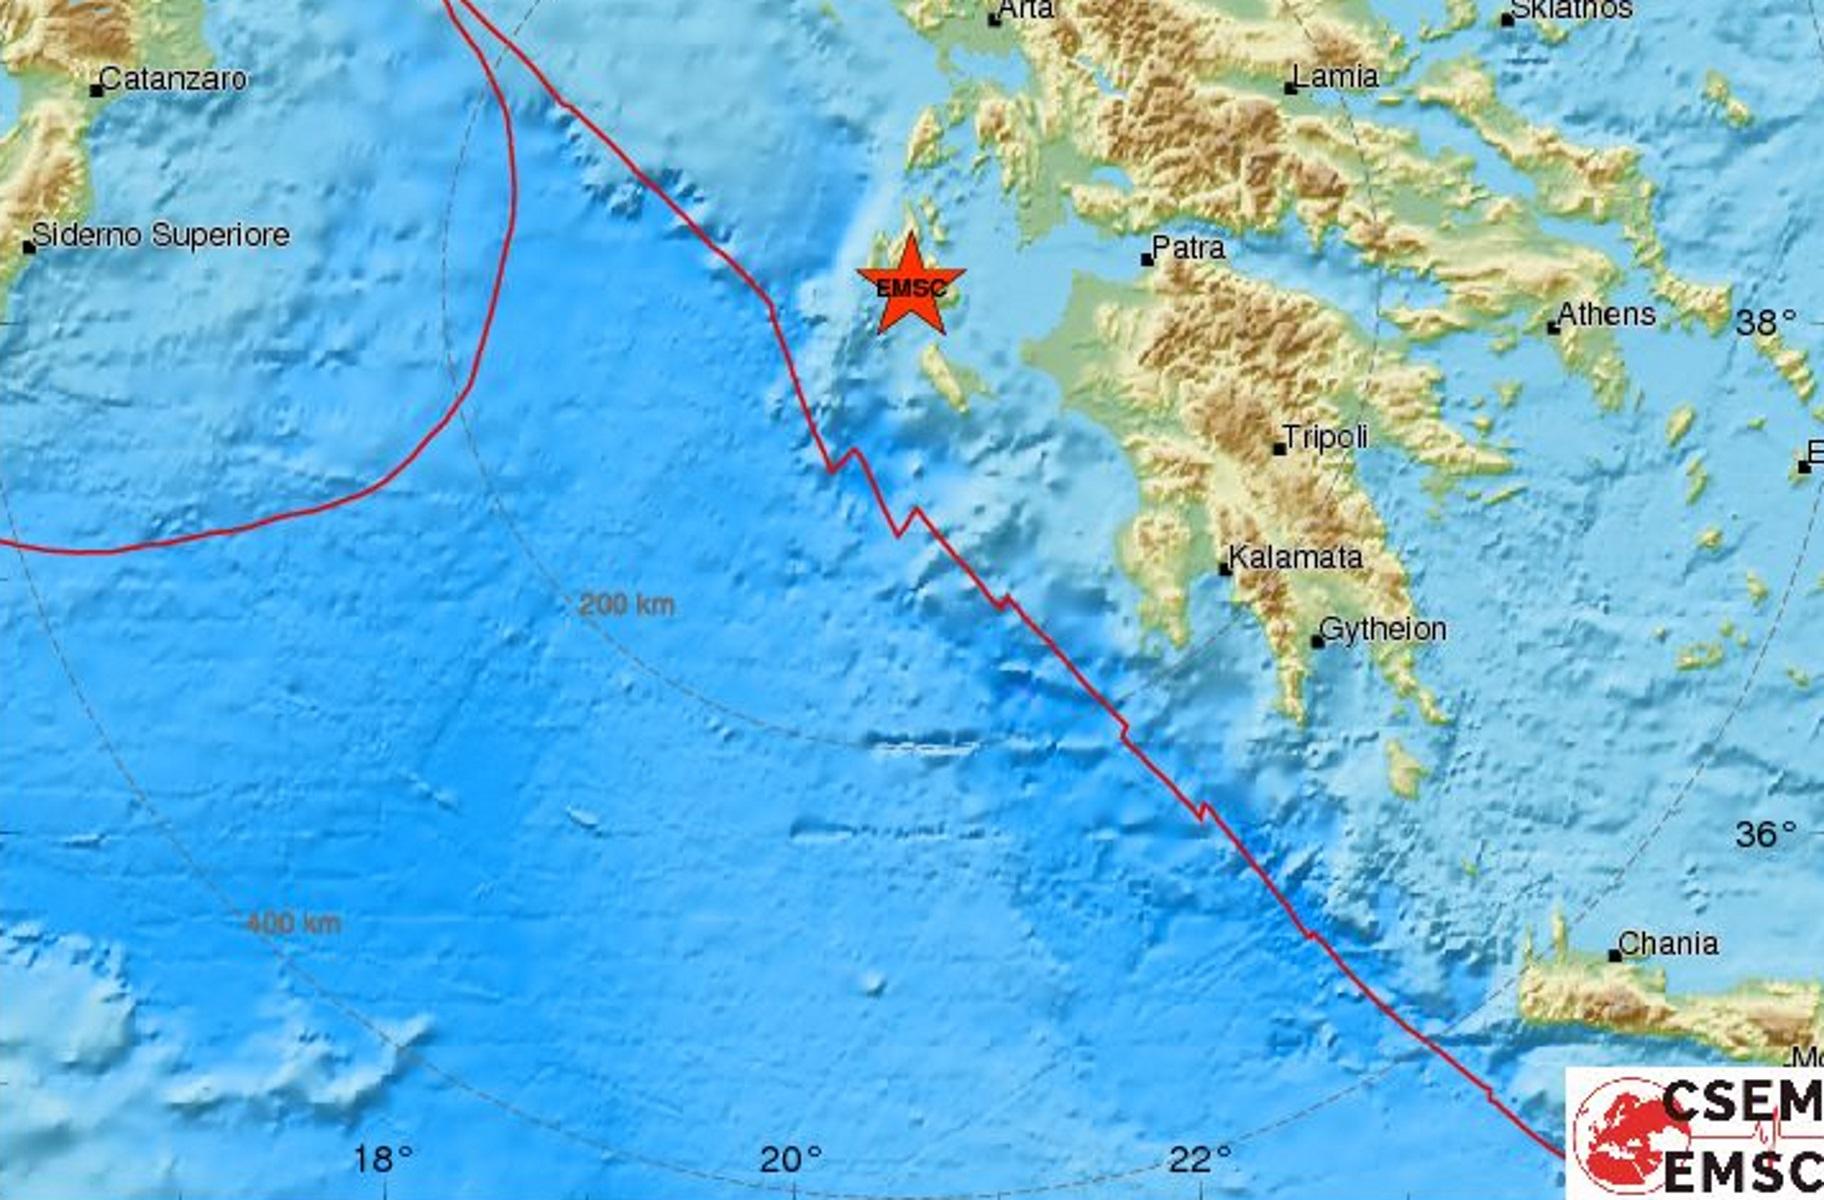 Σεισμός ταρακούνησε την Κεφαλονιά